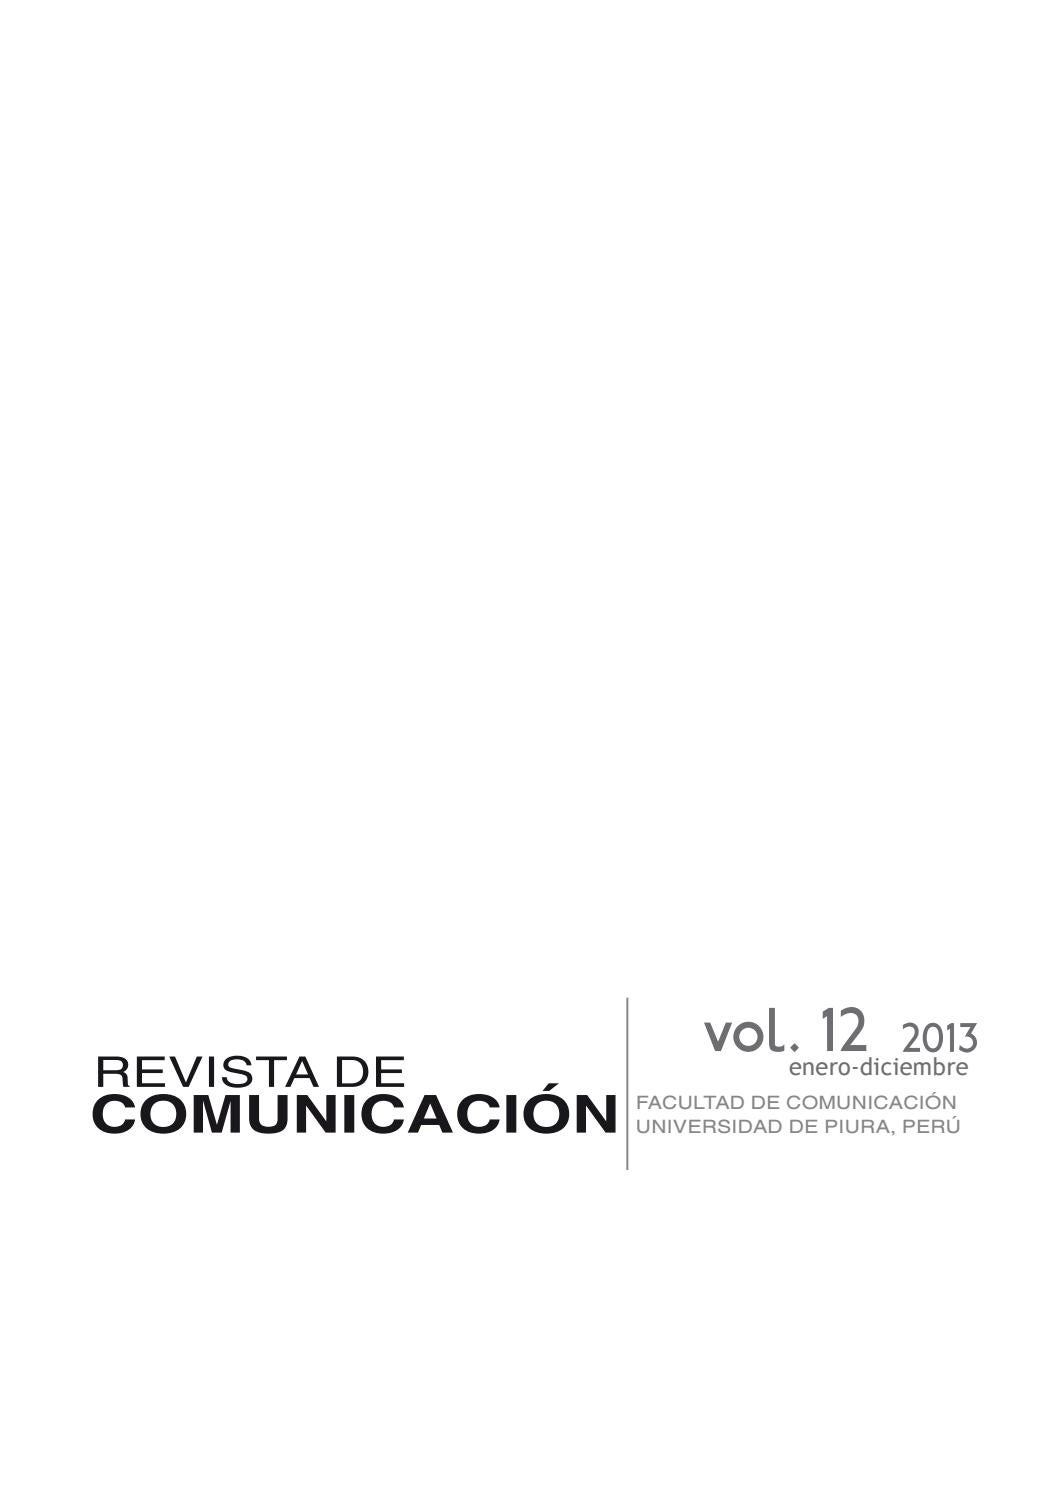 811c1e464fe Revista de Comunicación vol. XII, 2013. Universidad de Piura by Revista de  Comunicación - issuu